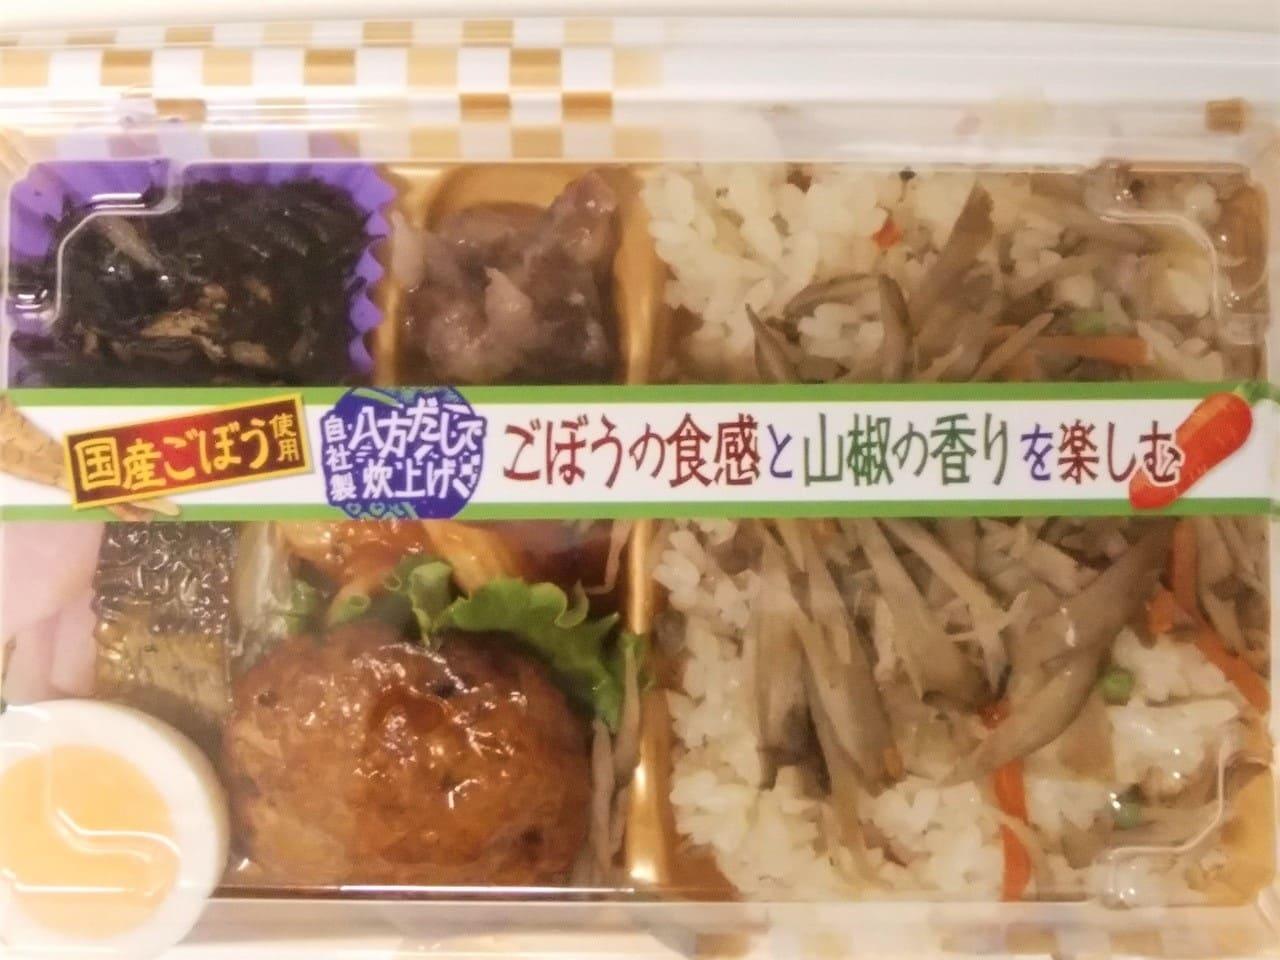 ごぼう香る♪炊込みご飯弁当のパッケージ